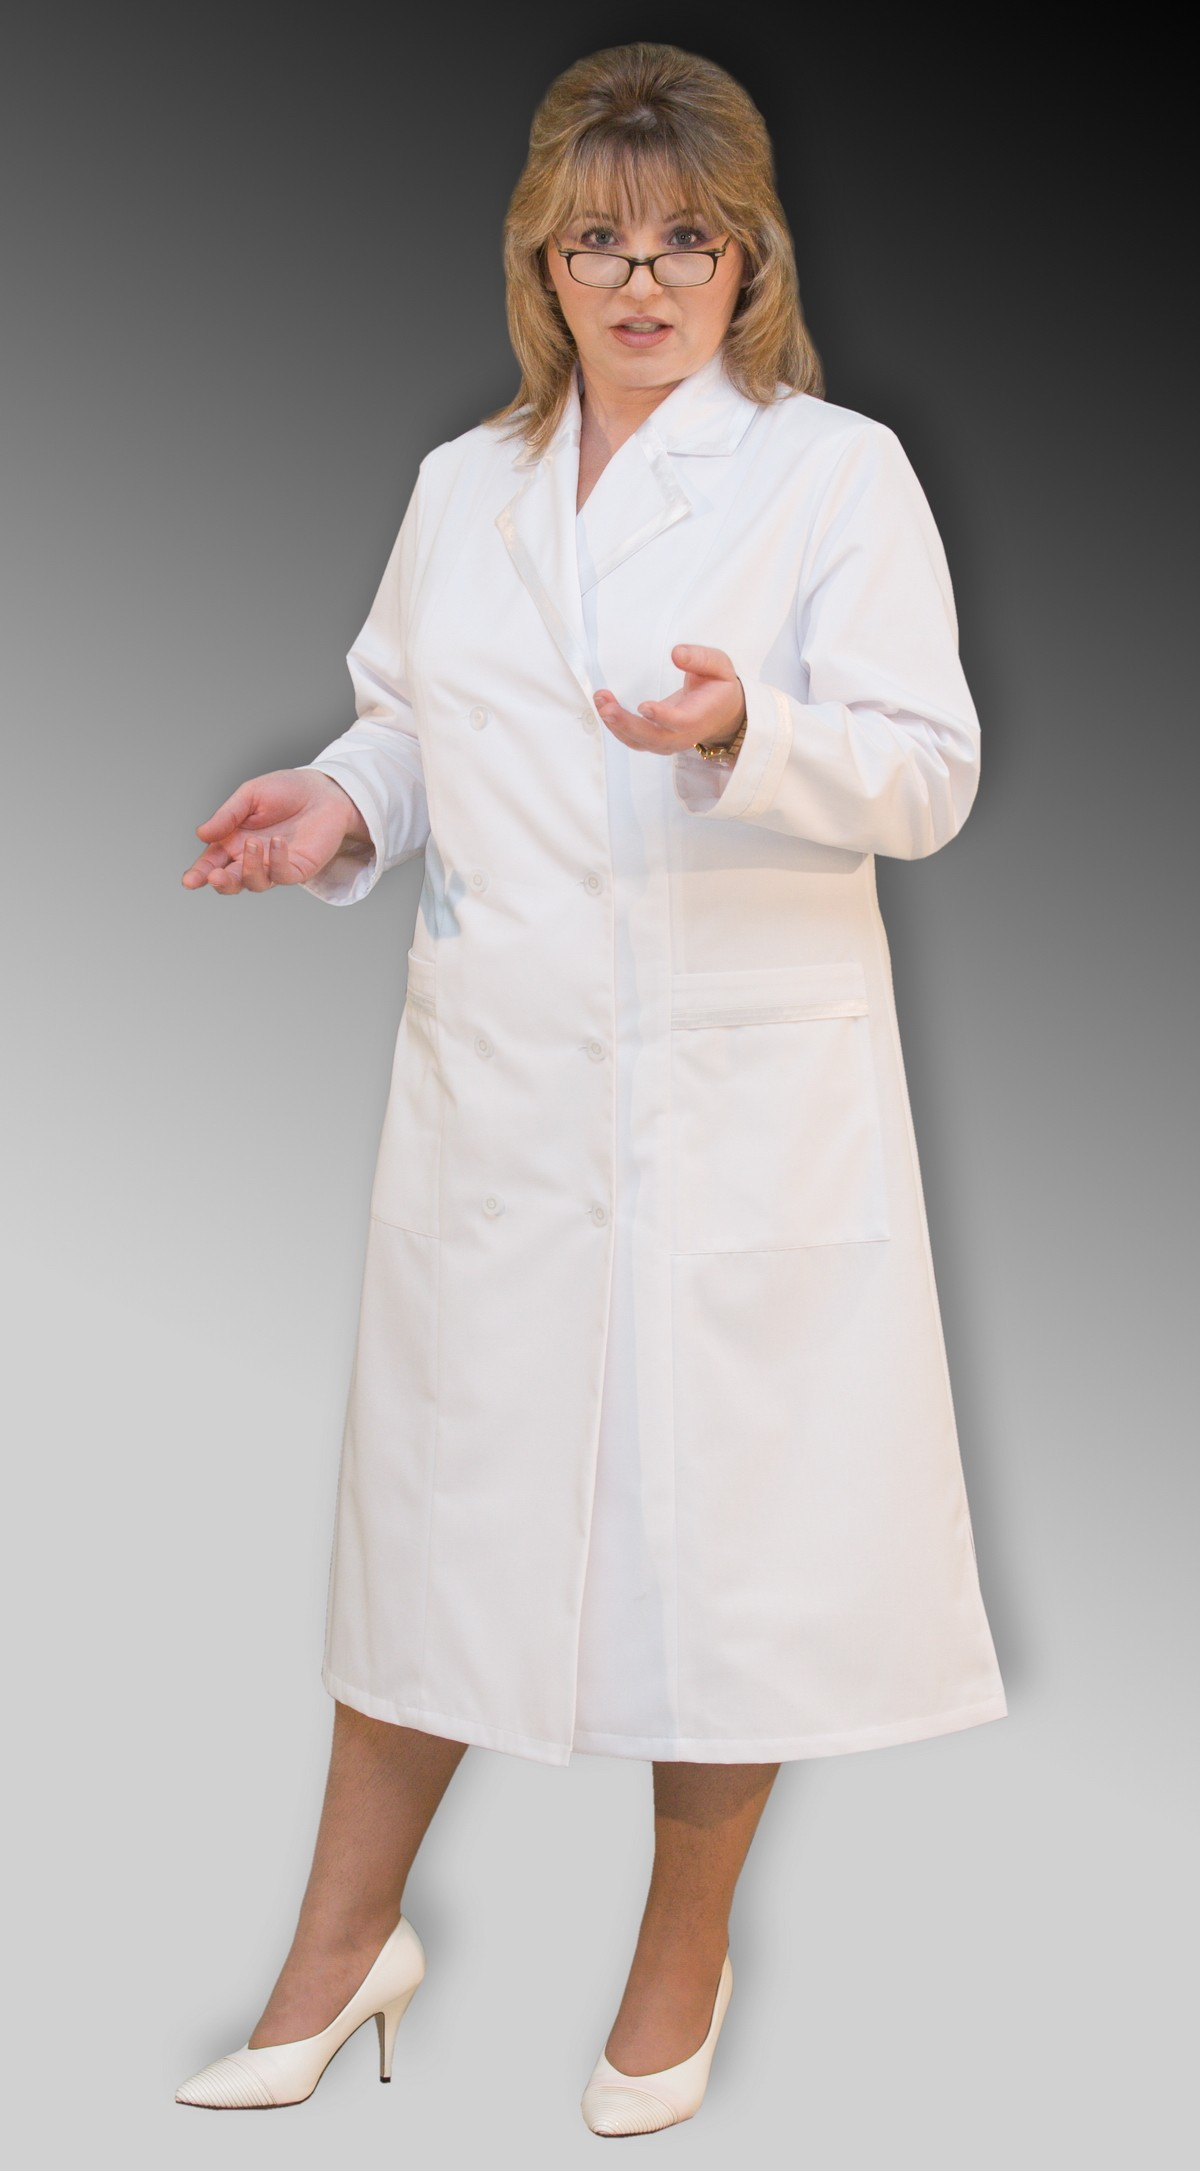 Купить медицинский халат большого размера 2